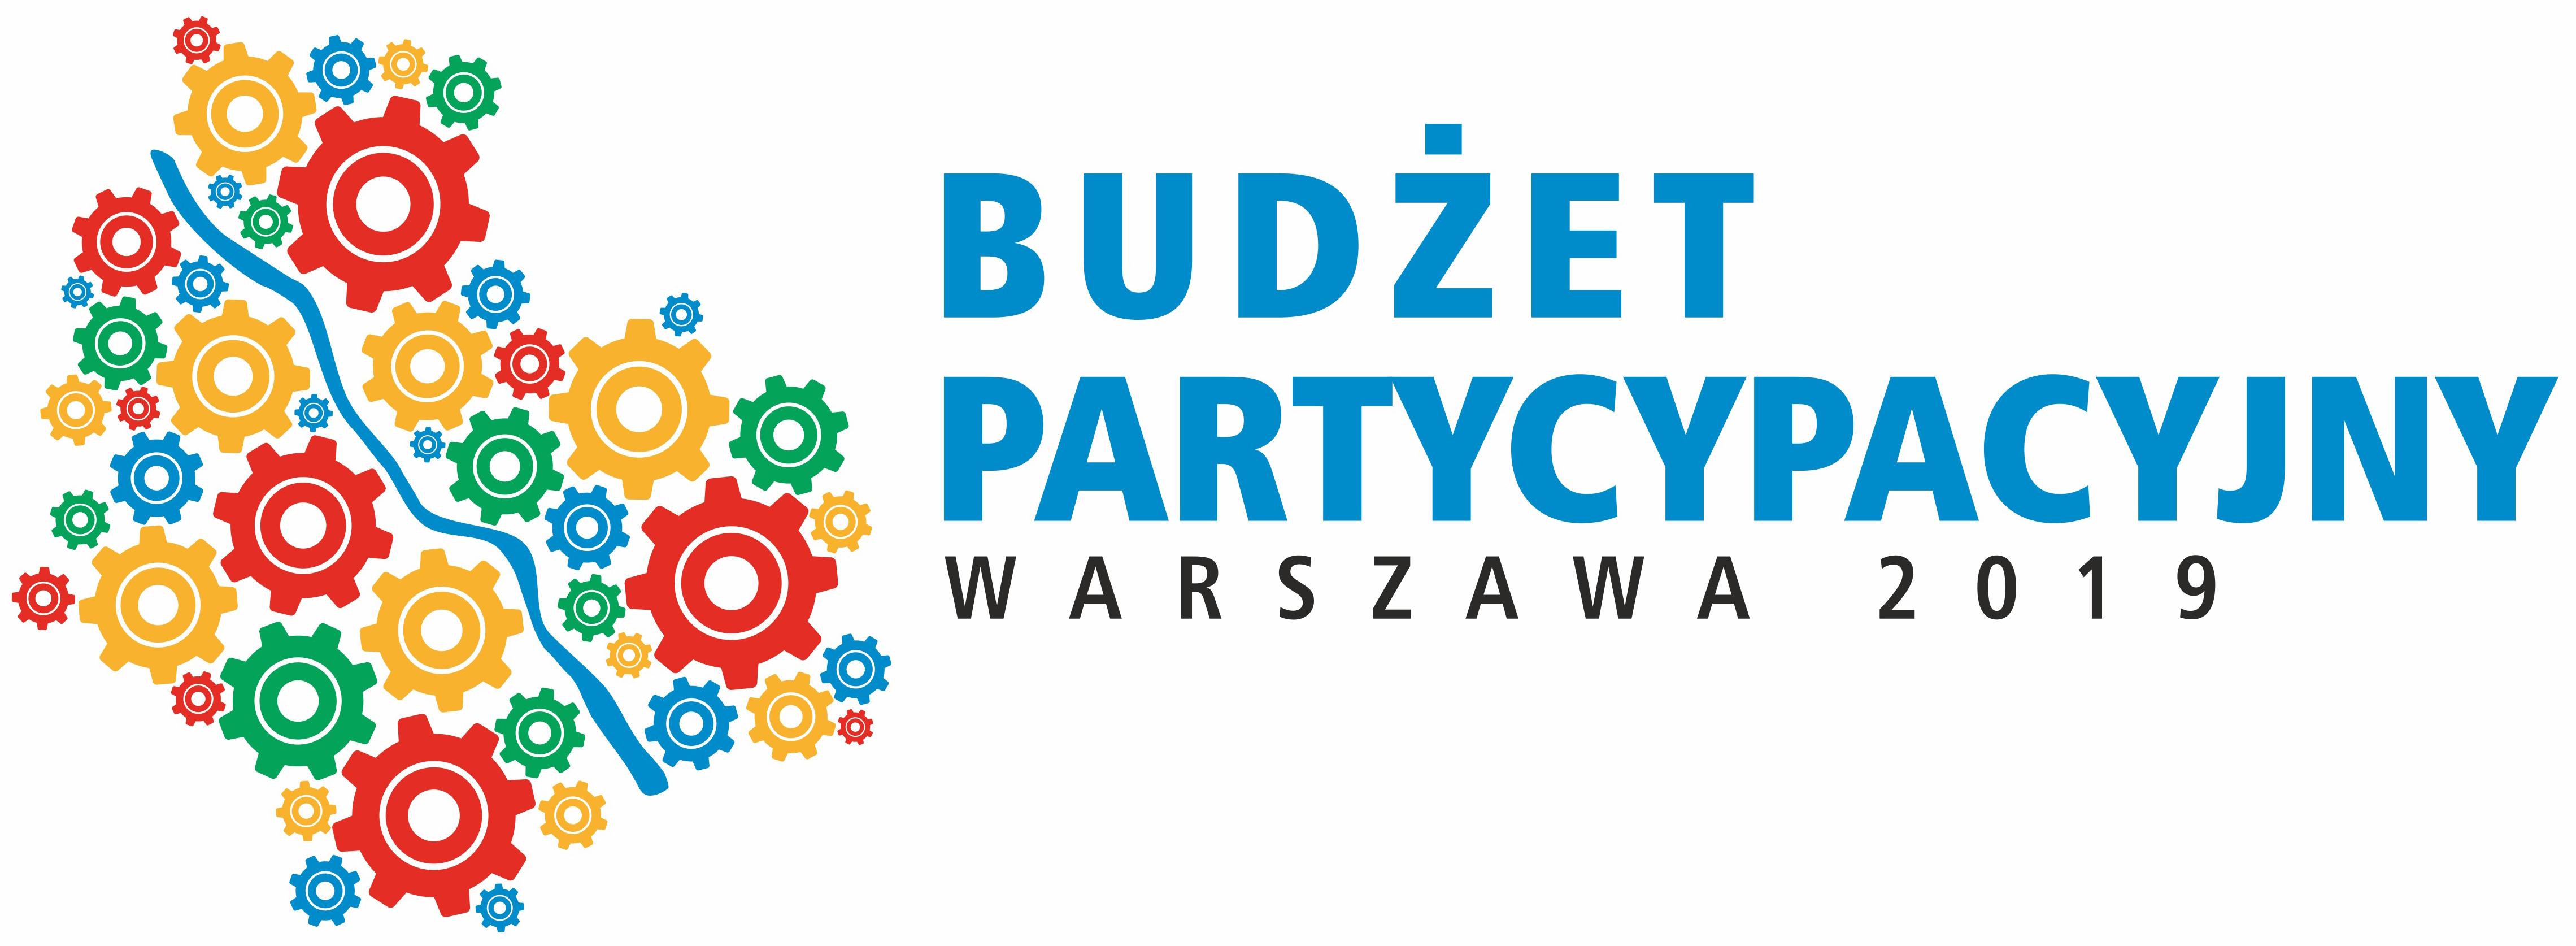 Znalezione obrazy dla zapytania budżet partycypacyjny 2019\ warszawa ursynów